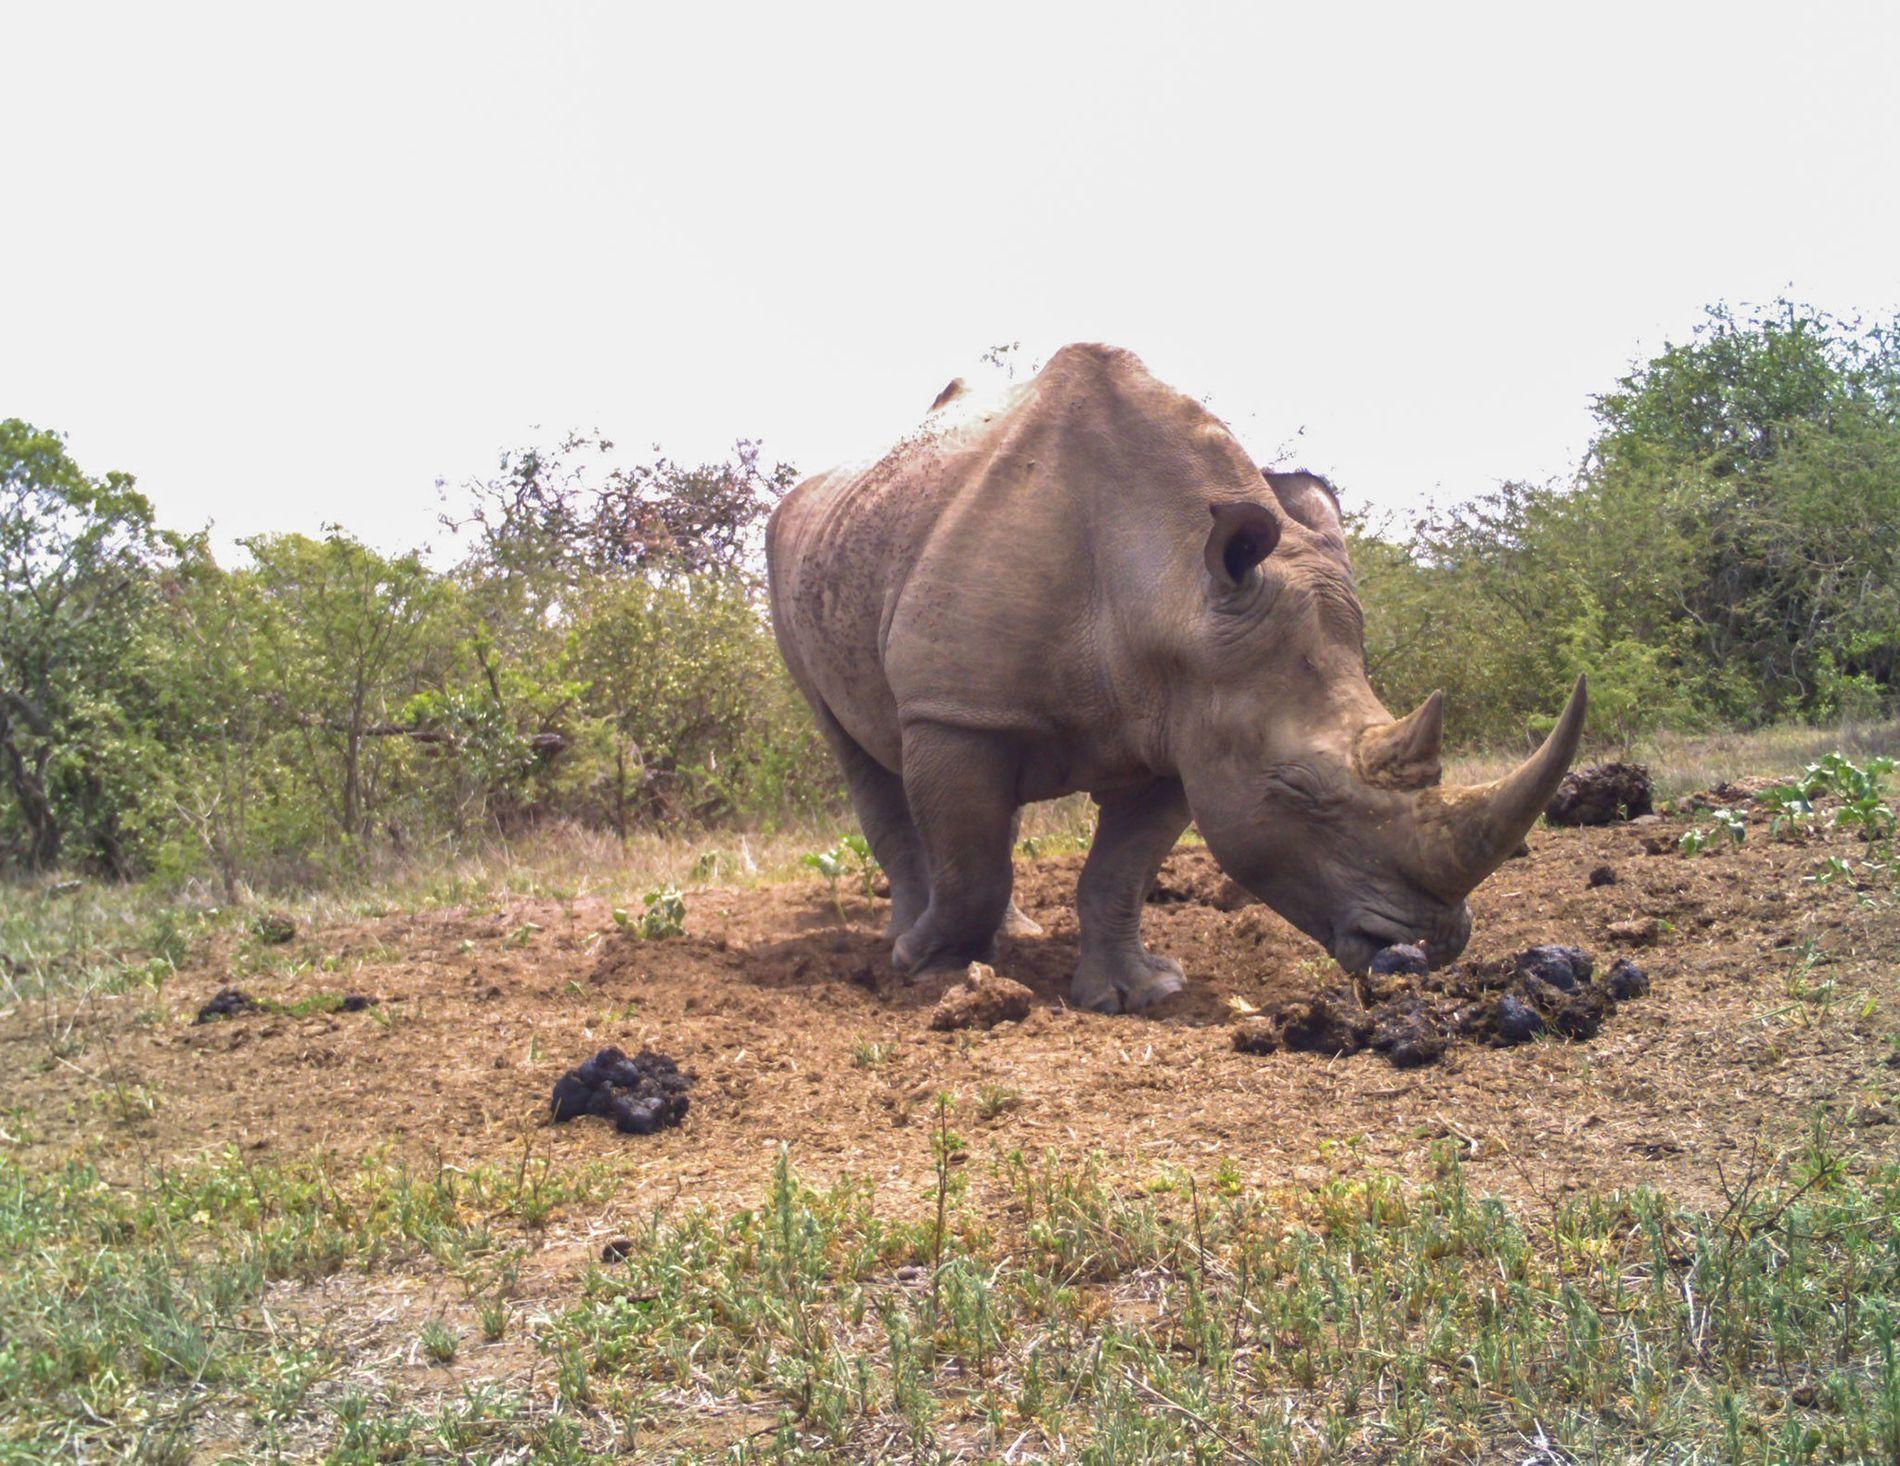 Ein männliches Breitmaulnashorn schnüffelt an dem Kot eines Weibchens in einem Misthaufen in Südafrika.